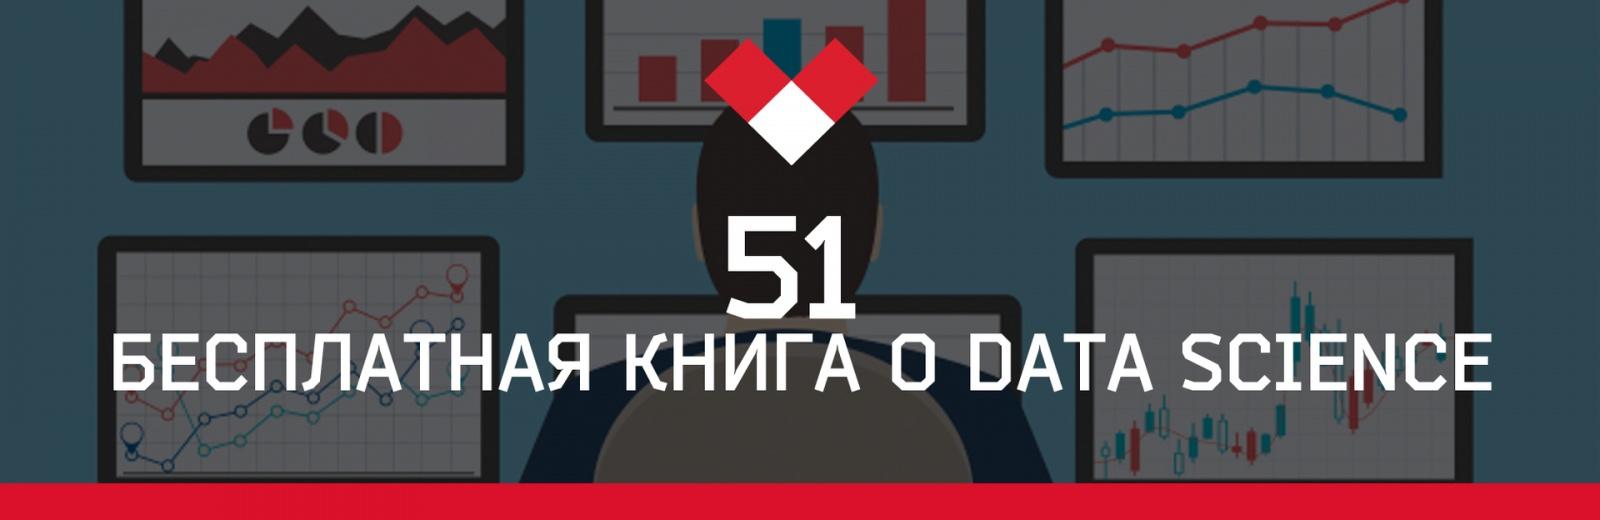 51 бесплатная книга о Data Science - 1